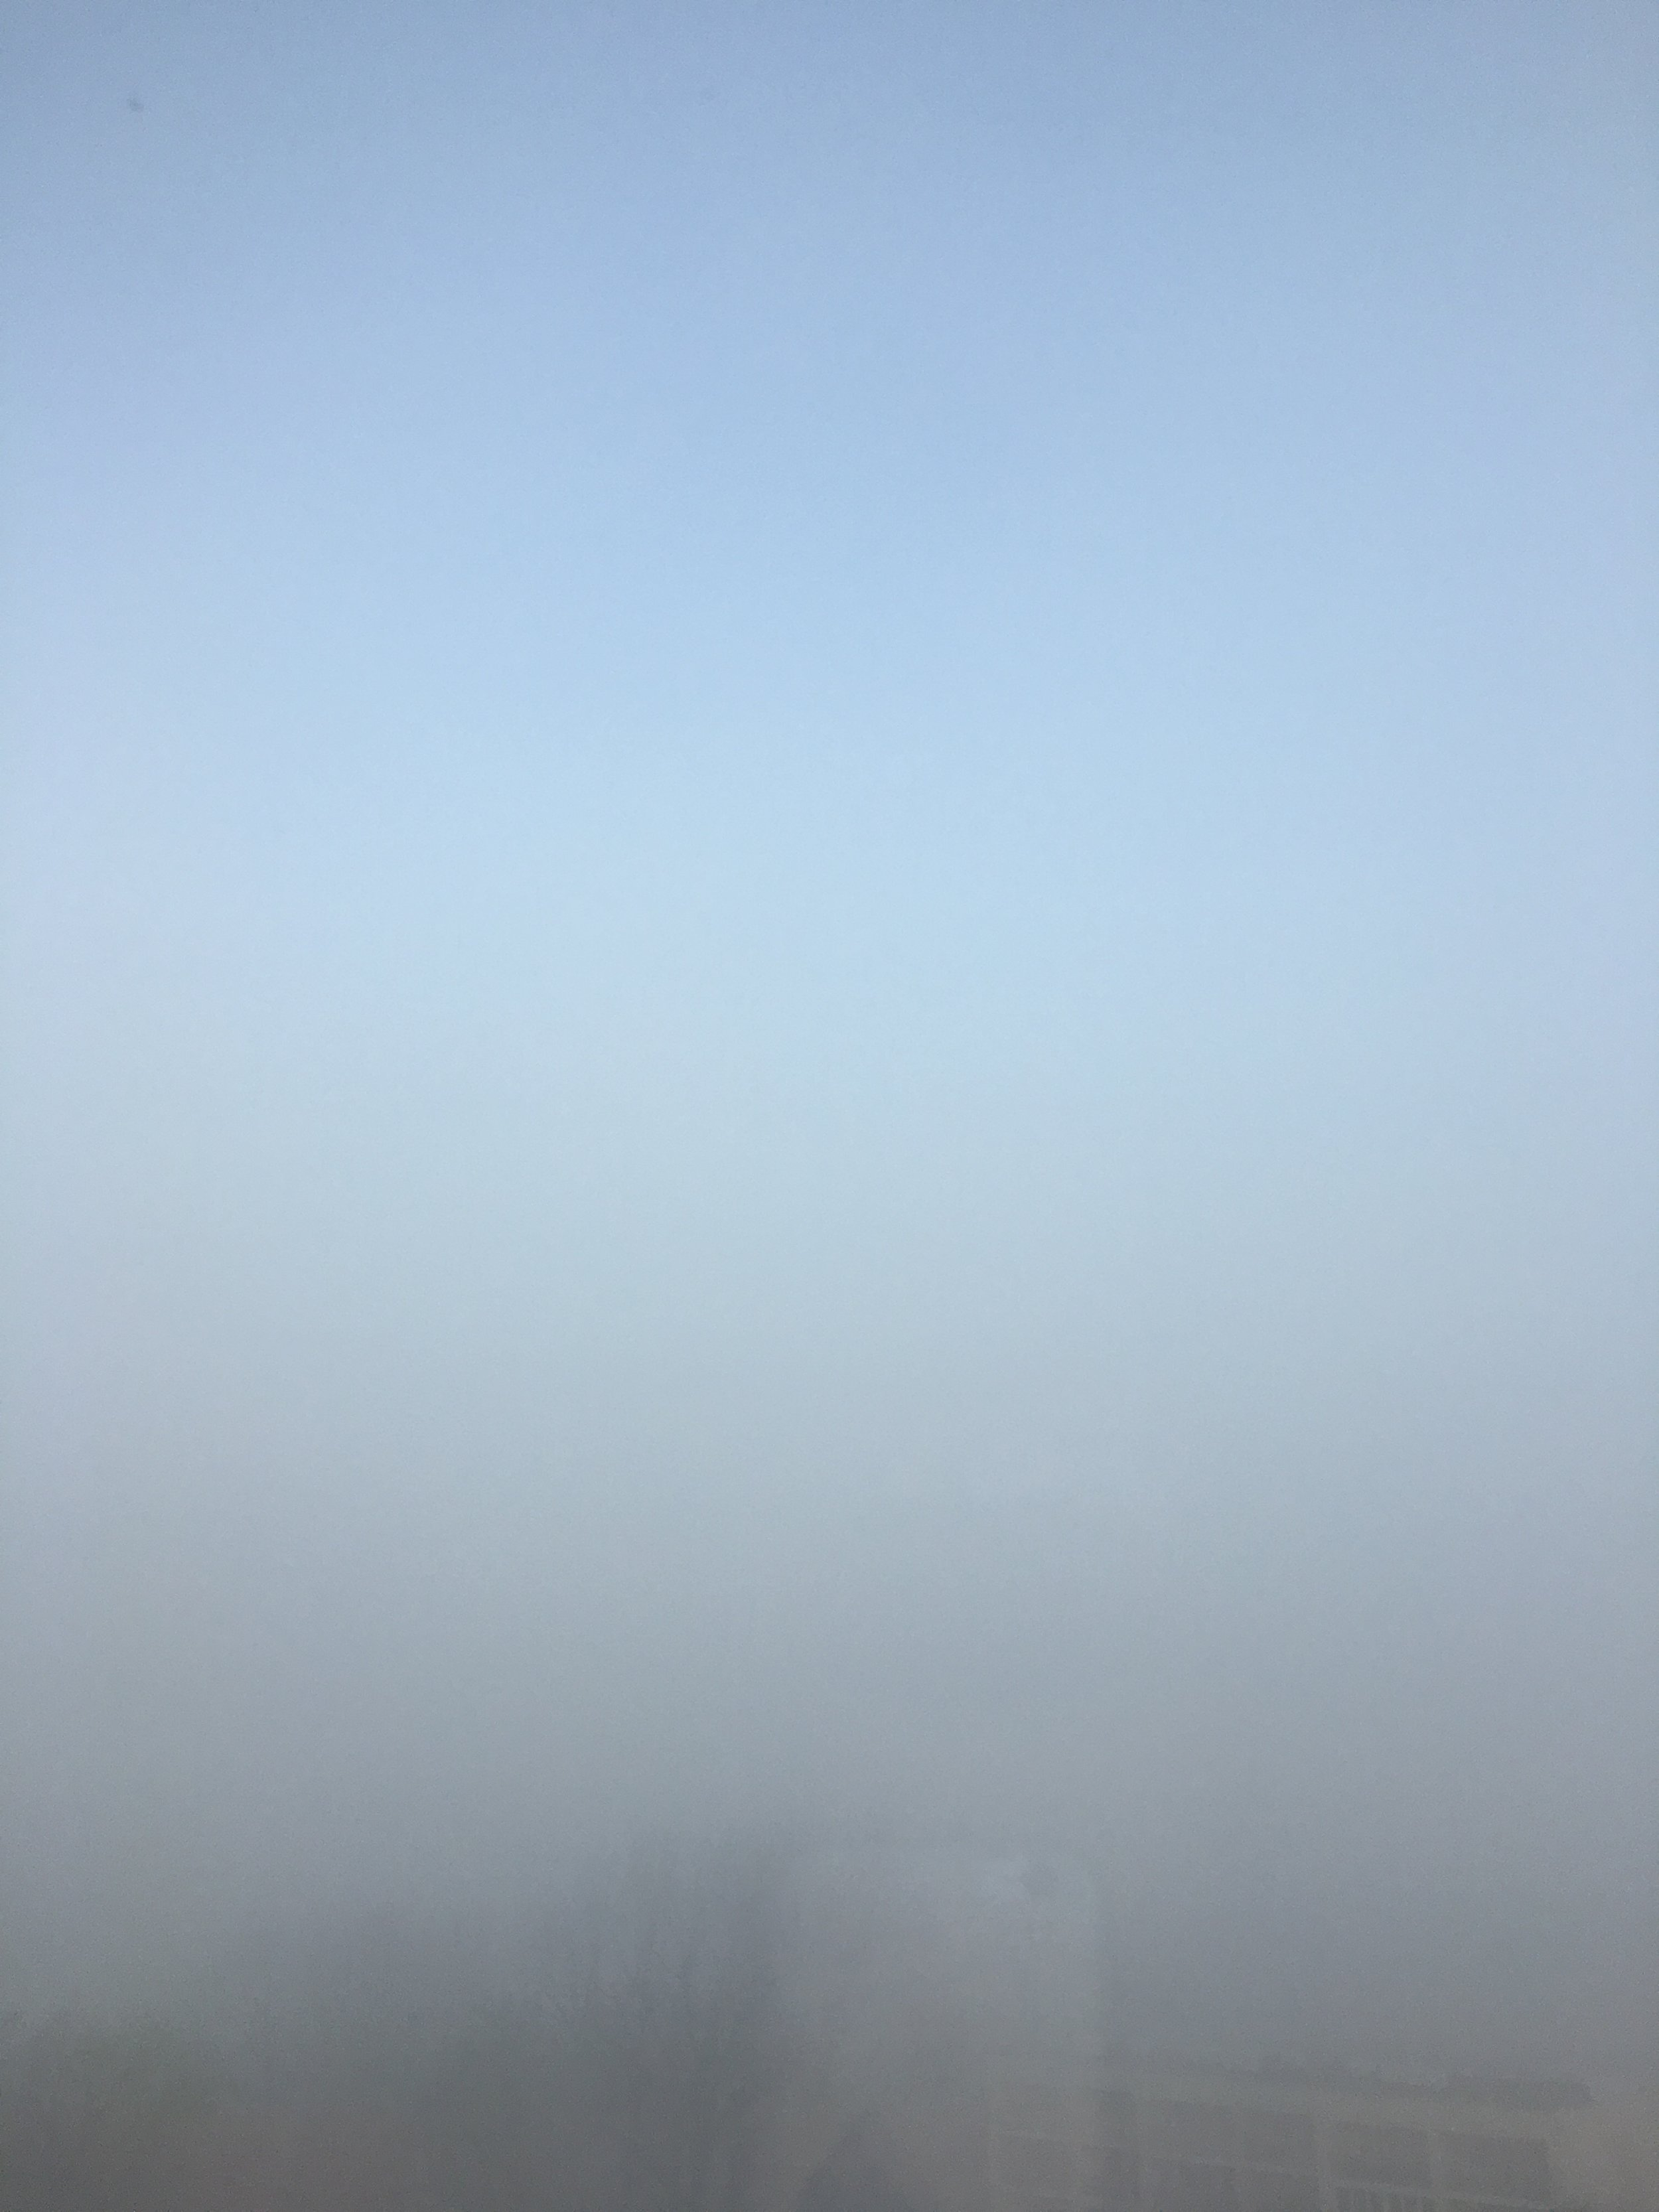 """""""Mygła"""", jak to mawiał trzyletni Emski, czyli #skyporn w wydaniu hide & seek. Dopiero po wrzuceniu zdjęcia tutaj okazało się, że na dole z mgły wyrasta nie tylko blok, ale także mój telefon odbity w szybie:/"""